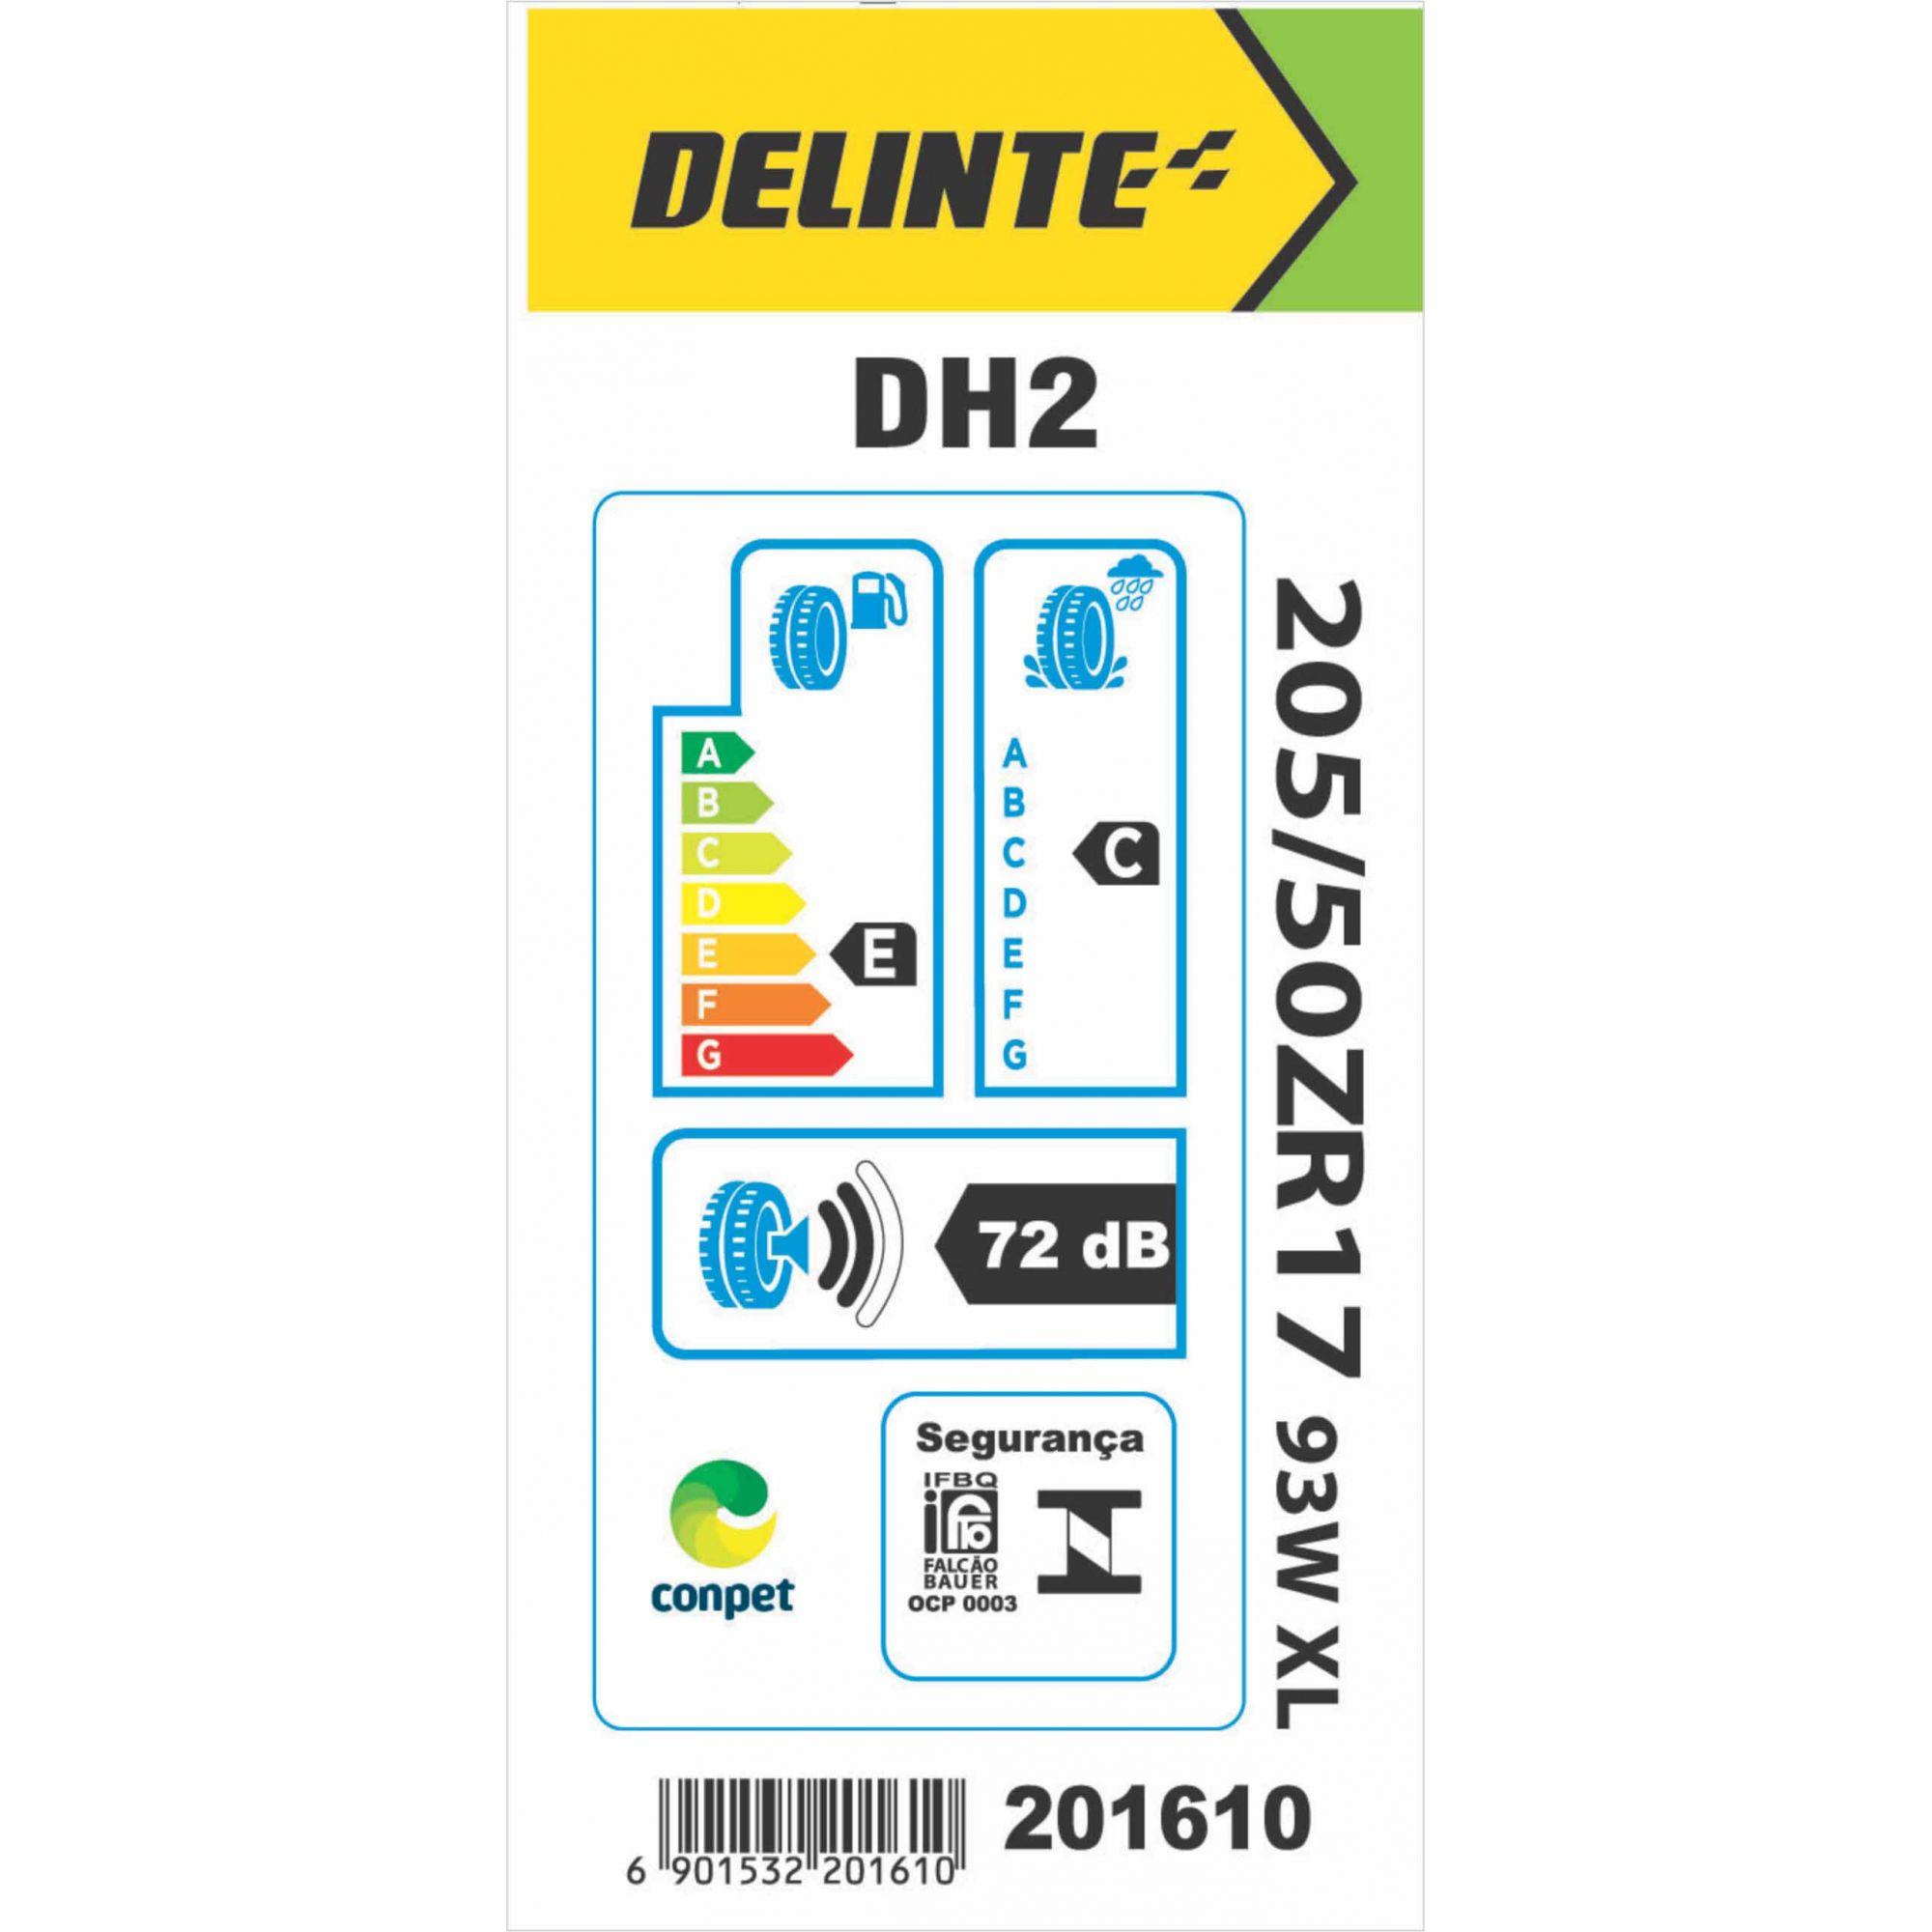 Pneu 205/50R17 Delinte DH2 93W